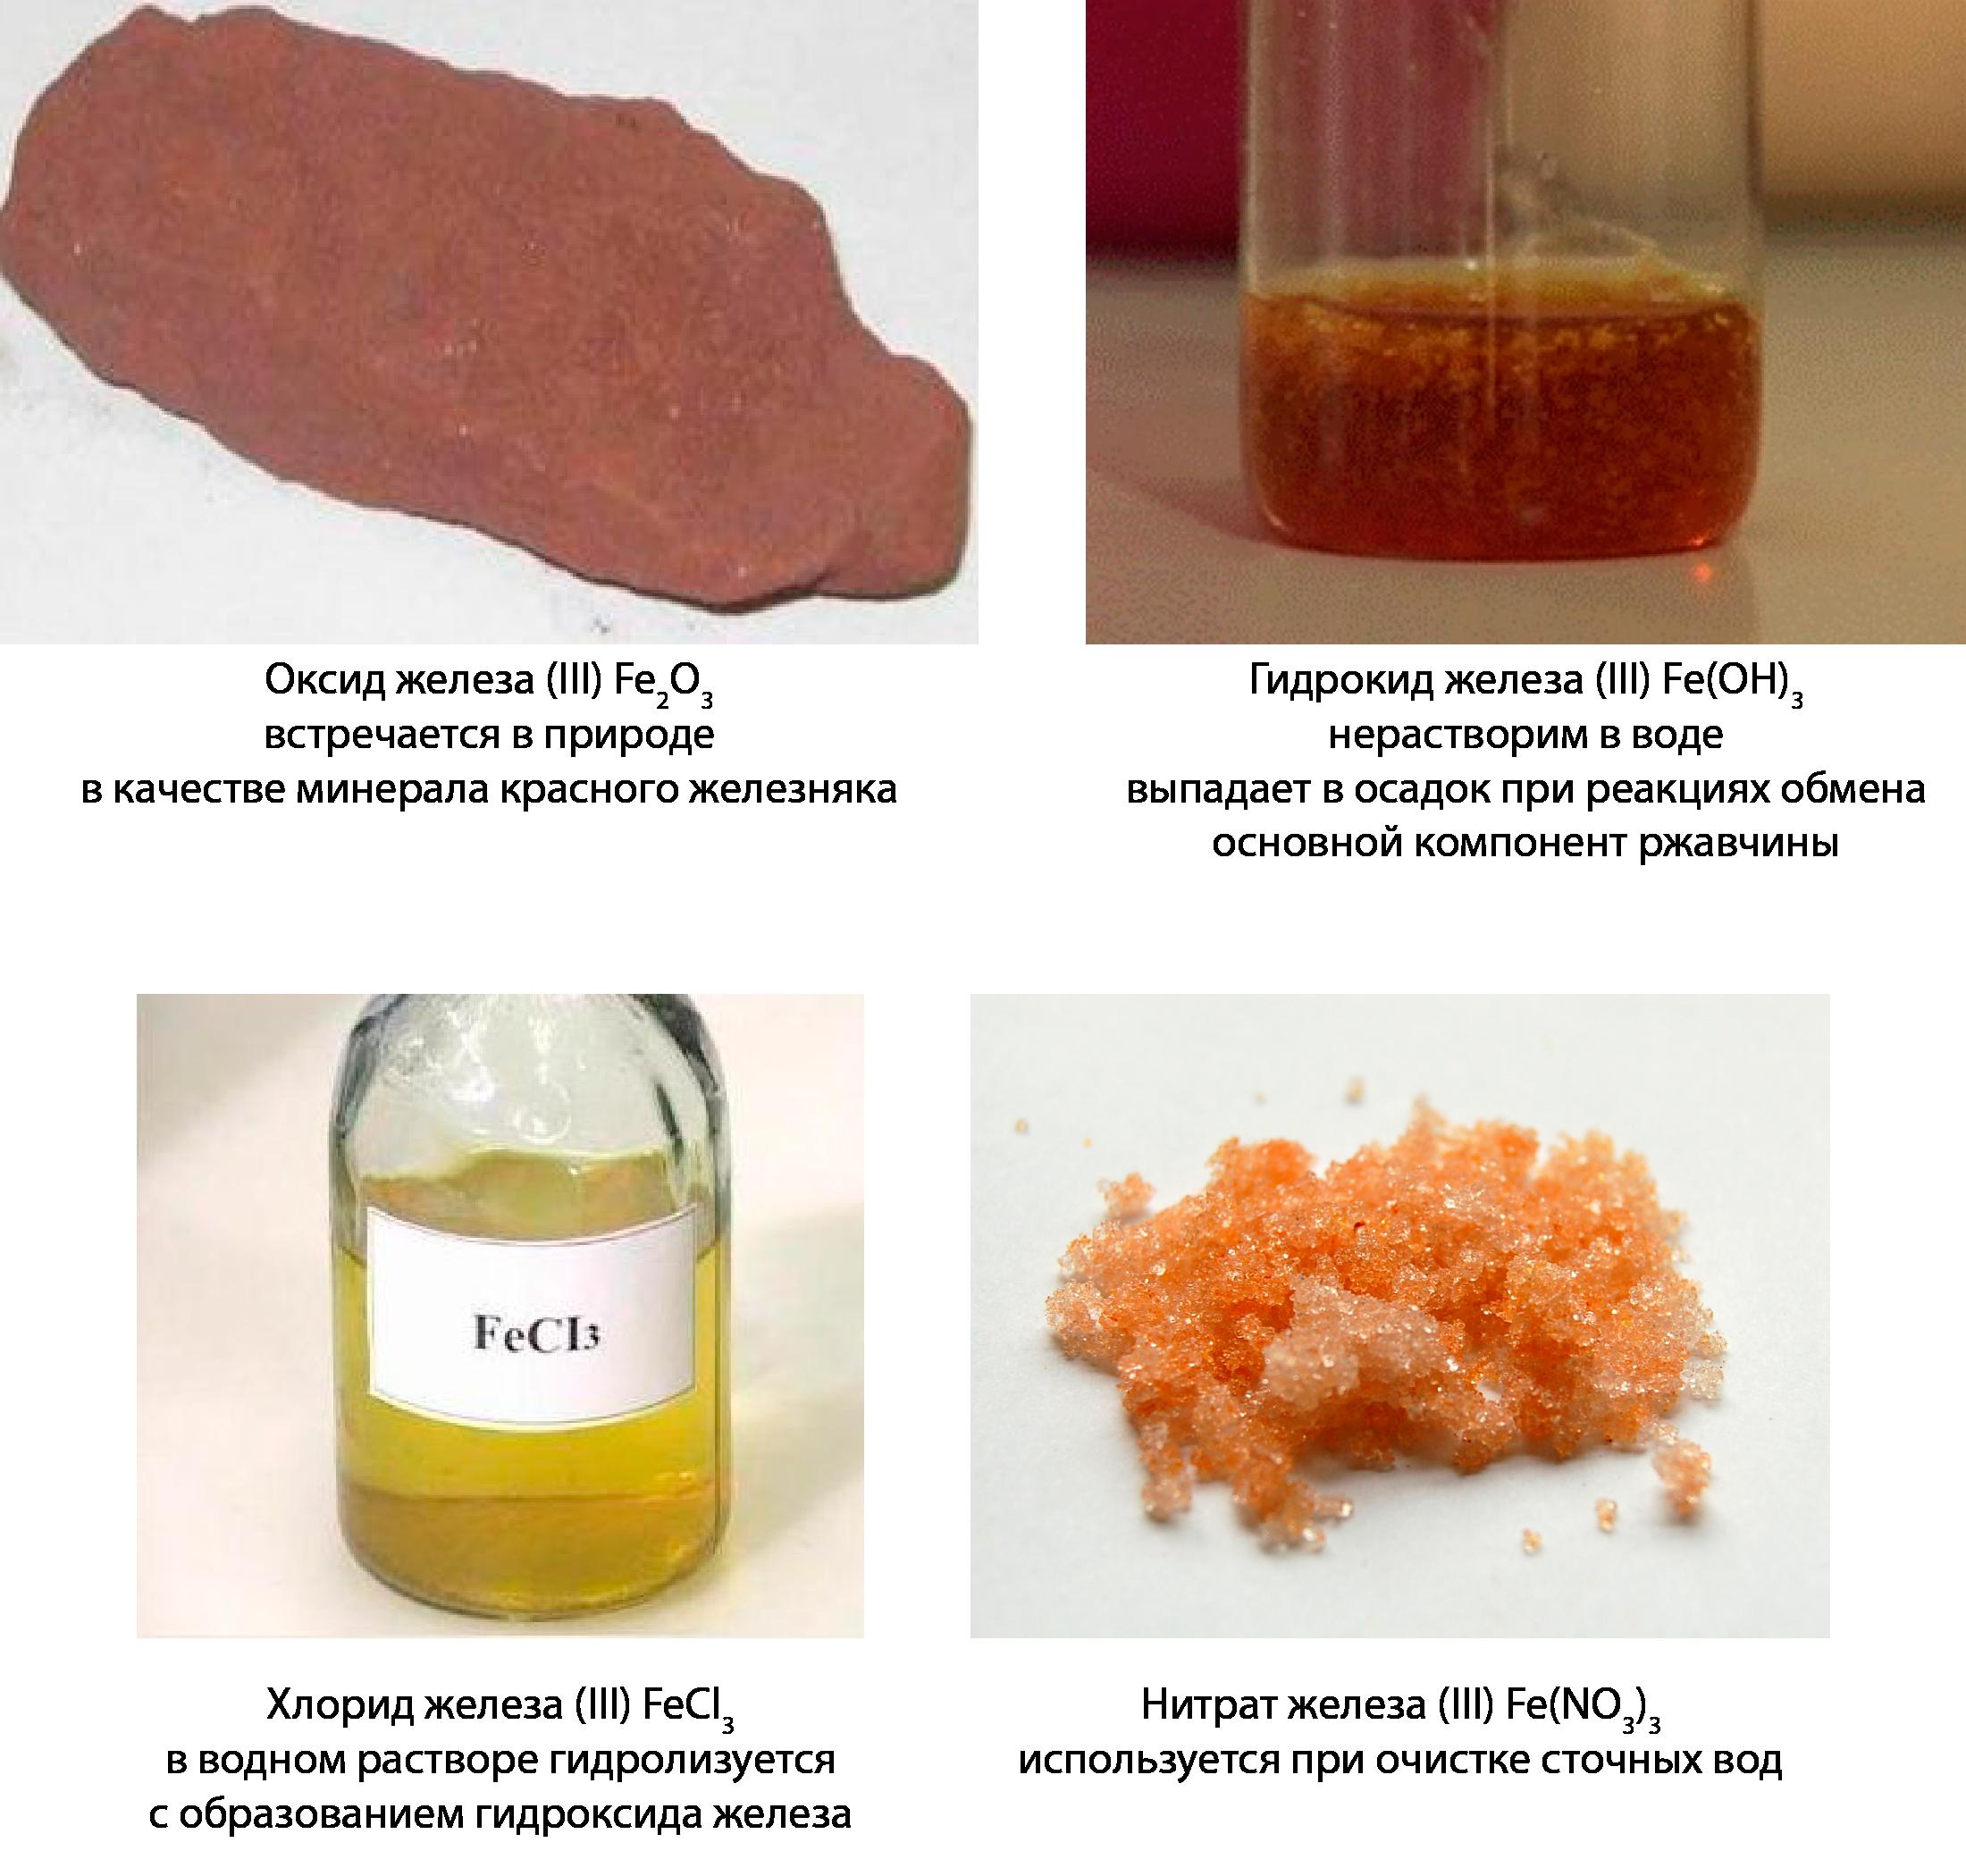 Fe3+ придают химическим соединениям бурые и тёмно-оранжевые оттенки